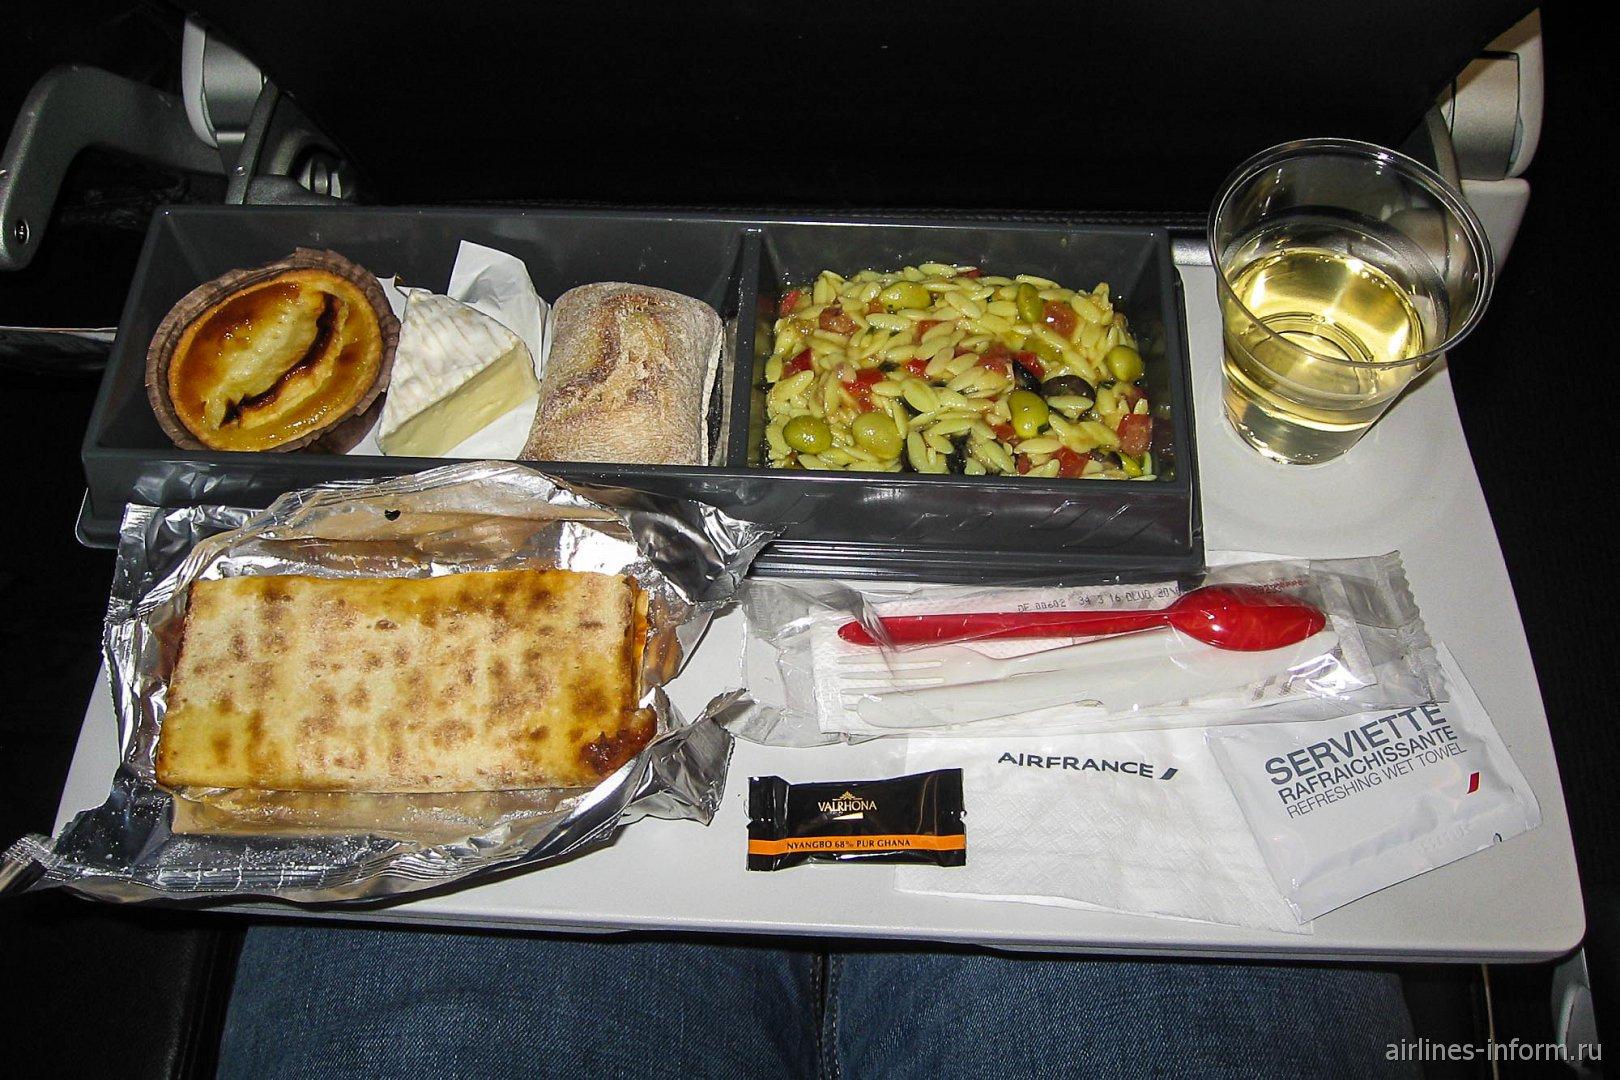 Бортовое питание на рейсе Париж-Москва авиакомпании Air France